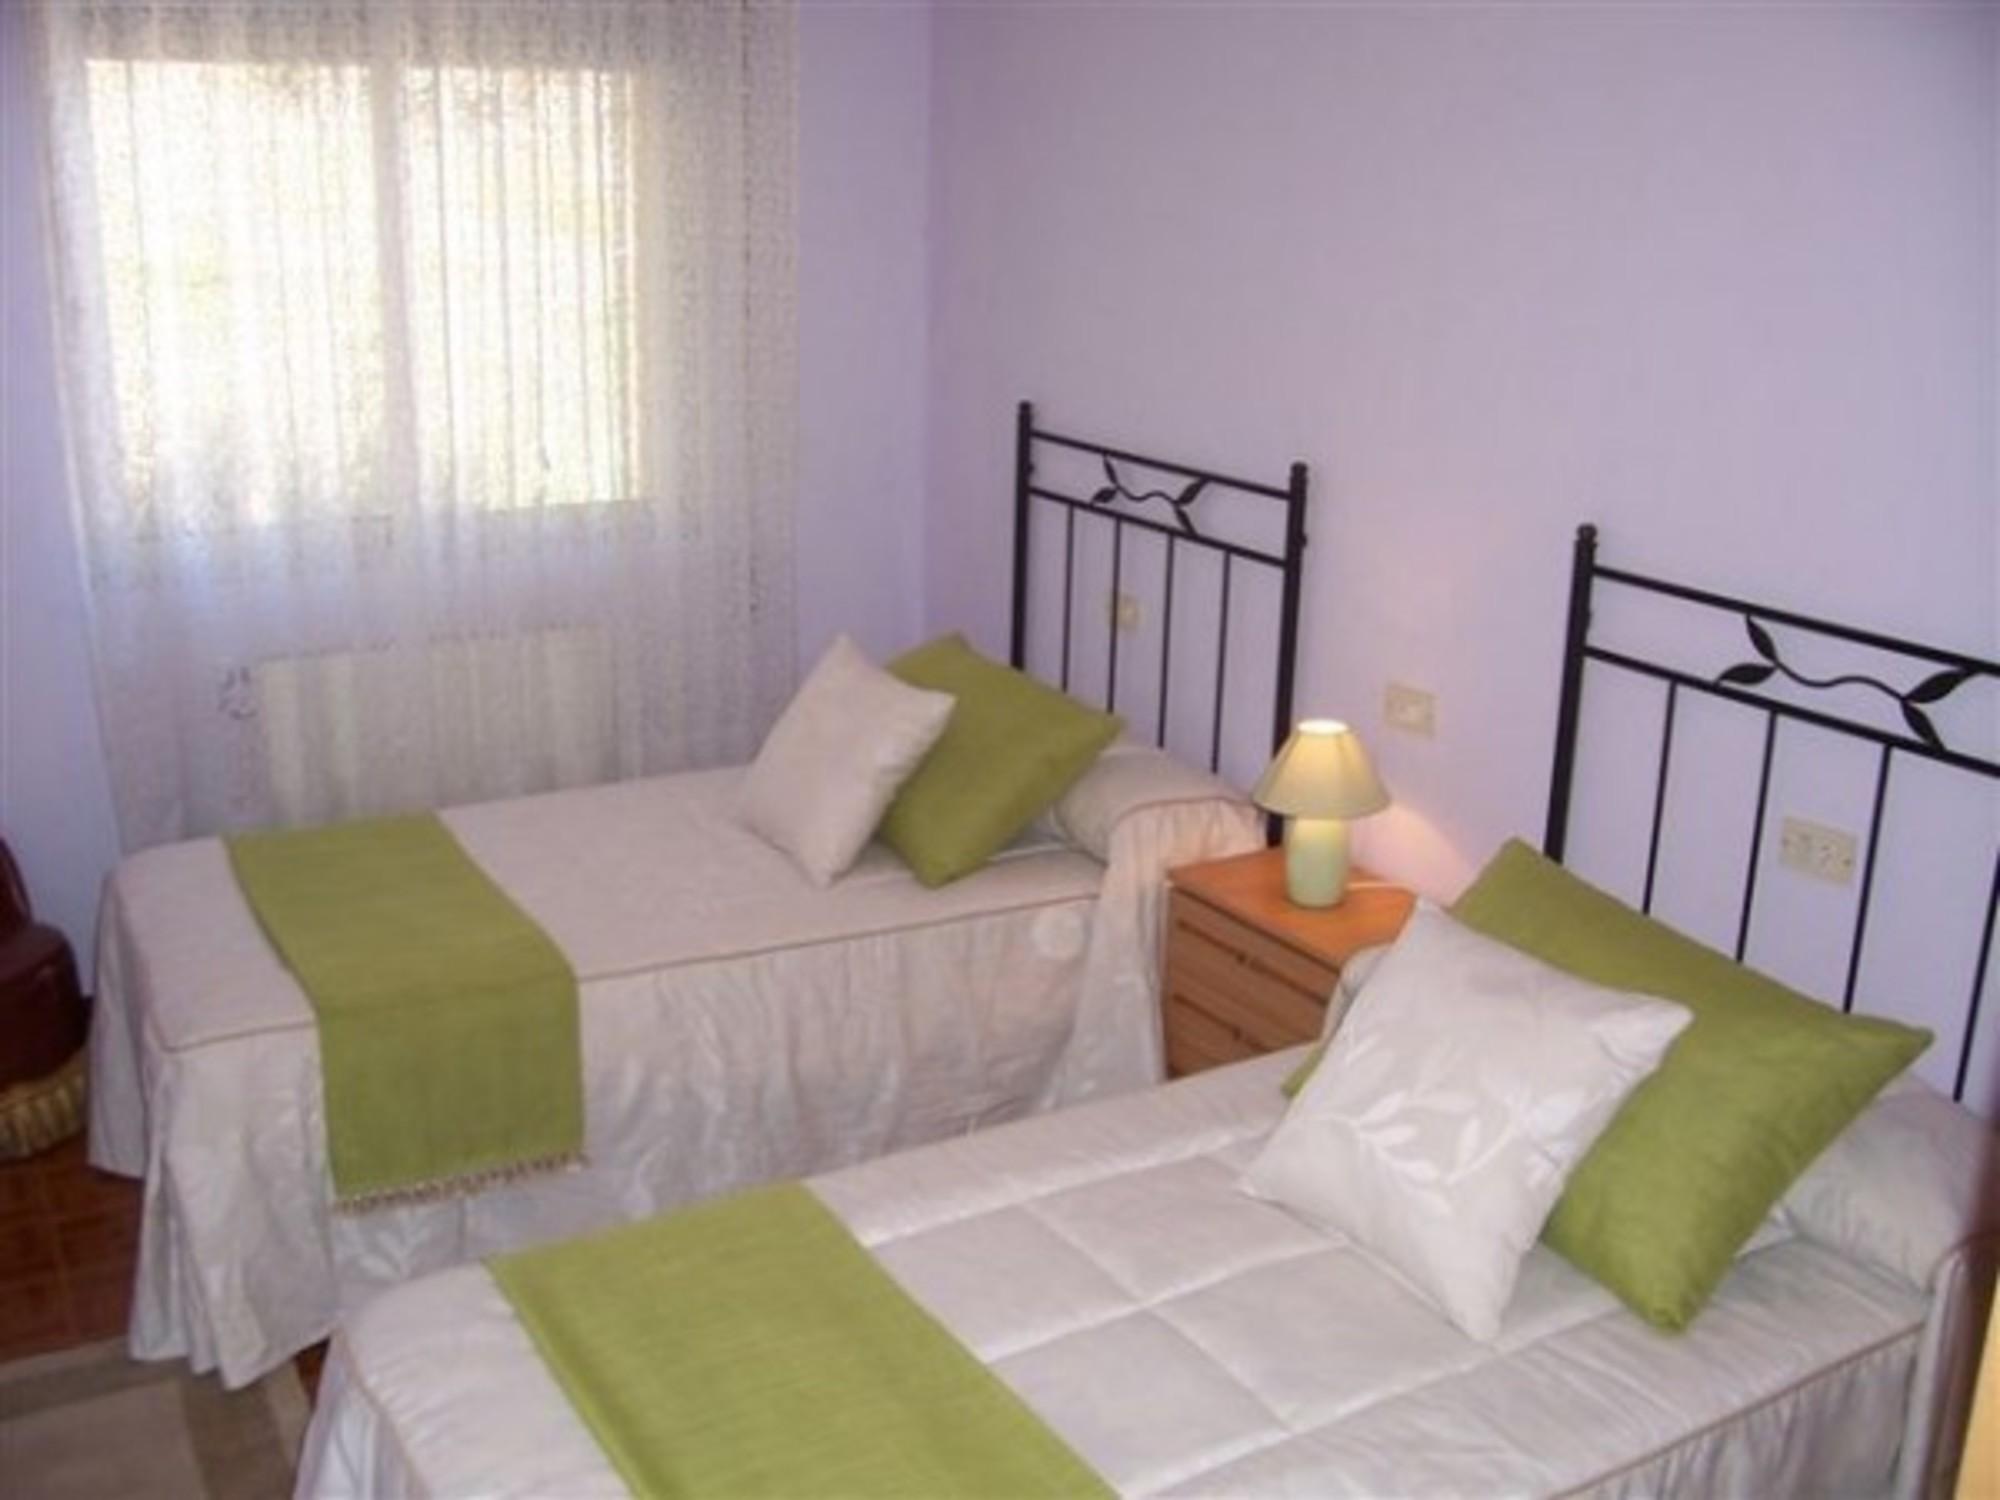 Ferienwohnung Apartment - 3 Bedrooms with WiFi - 100370 (1937622), Bon, Rias Bajas, Galicien, Spanien, Bild 7